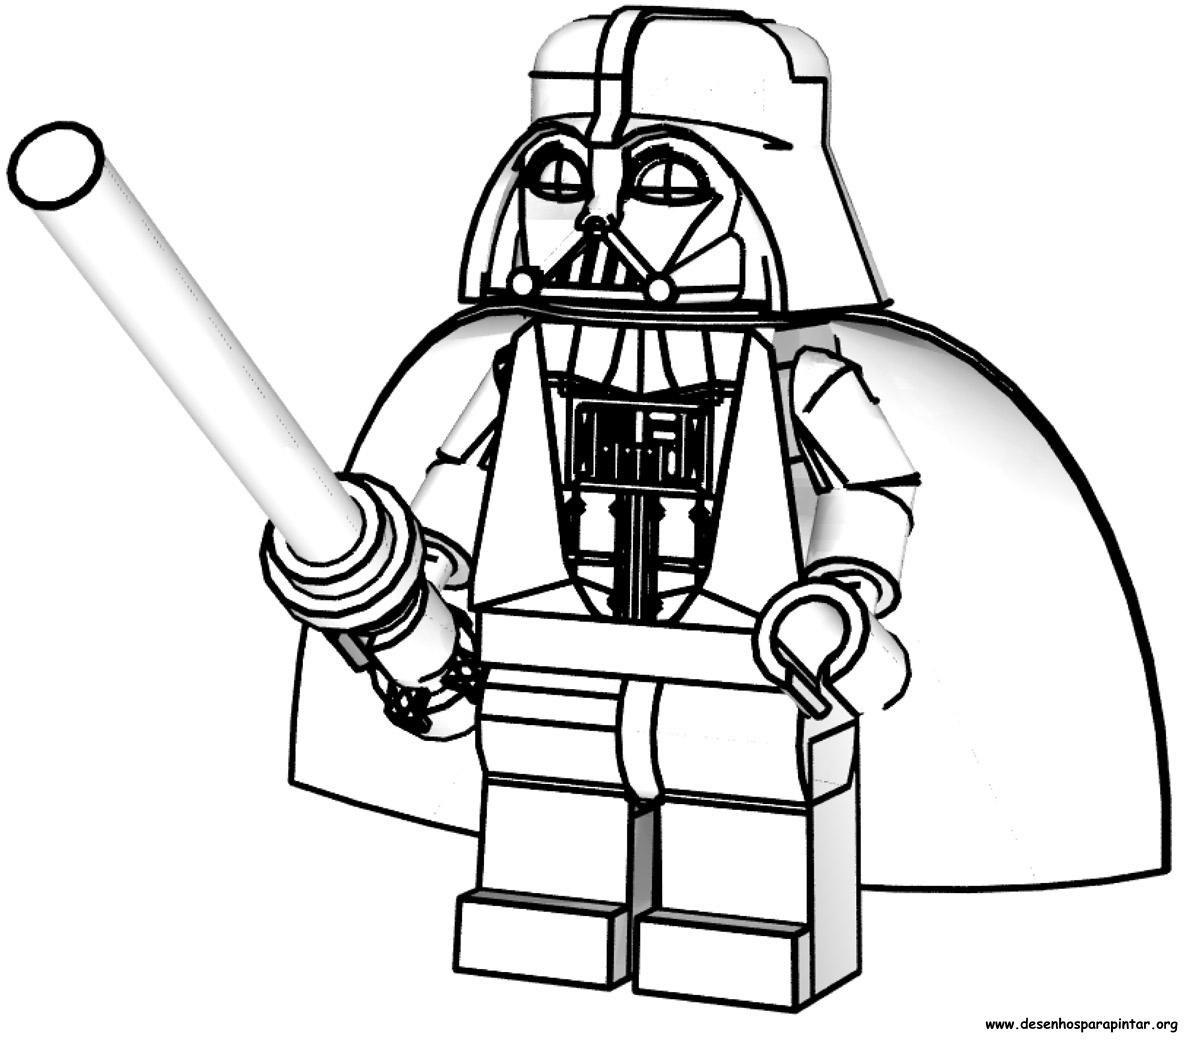 Coloriages imprimer lego num ro 677098 - Lego coloriage ...